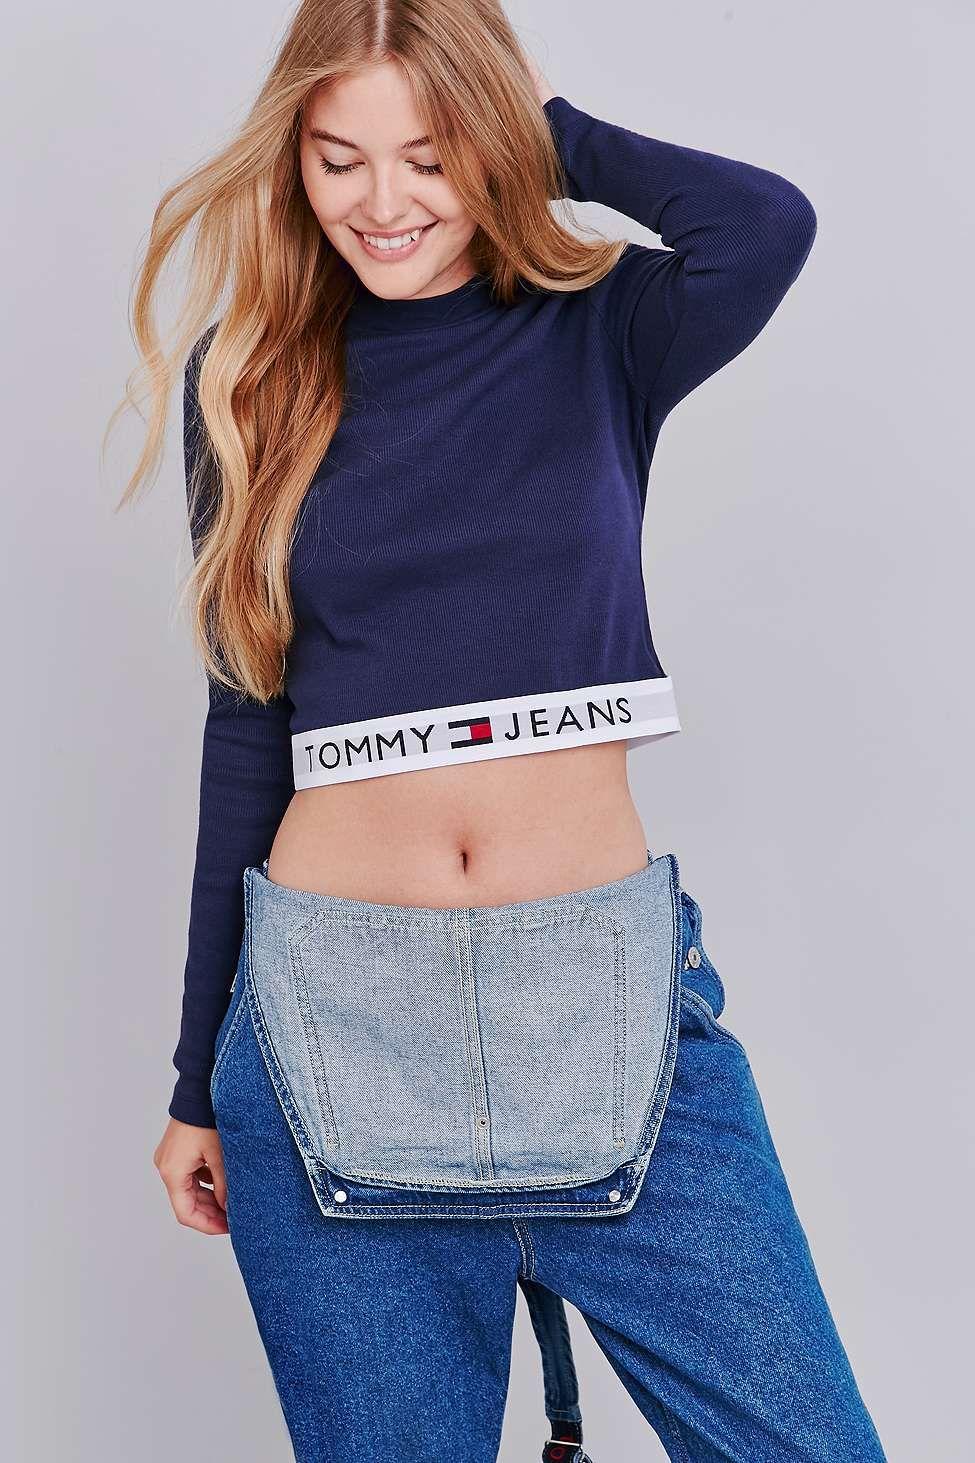 928fe1631a1 Tommy Jeans - Haut court bleu marine à manches longues et bande griffée